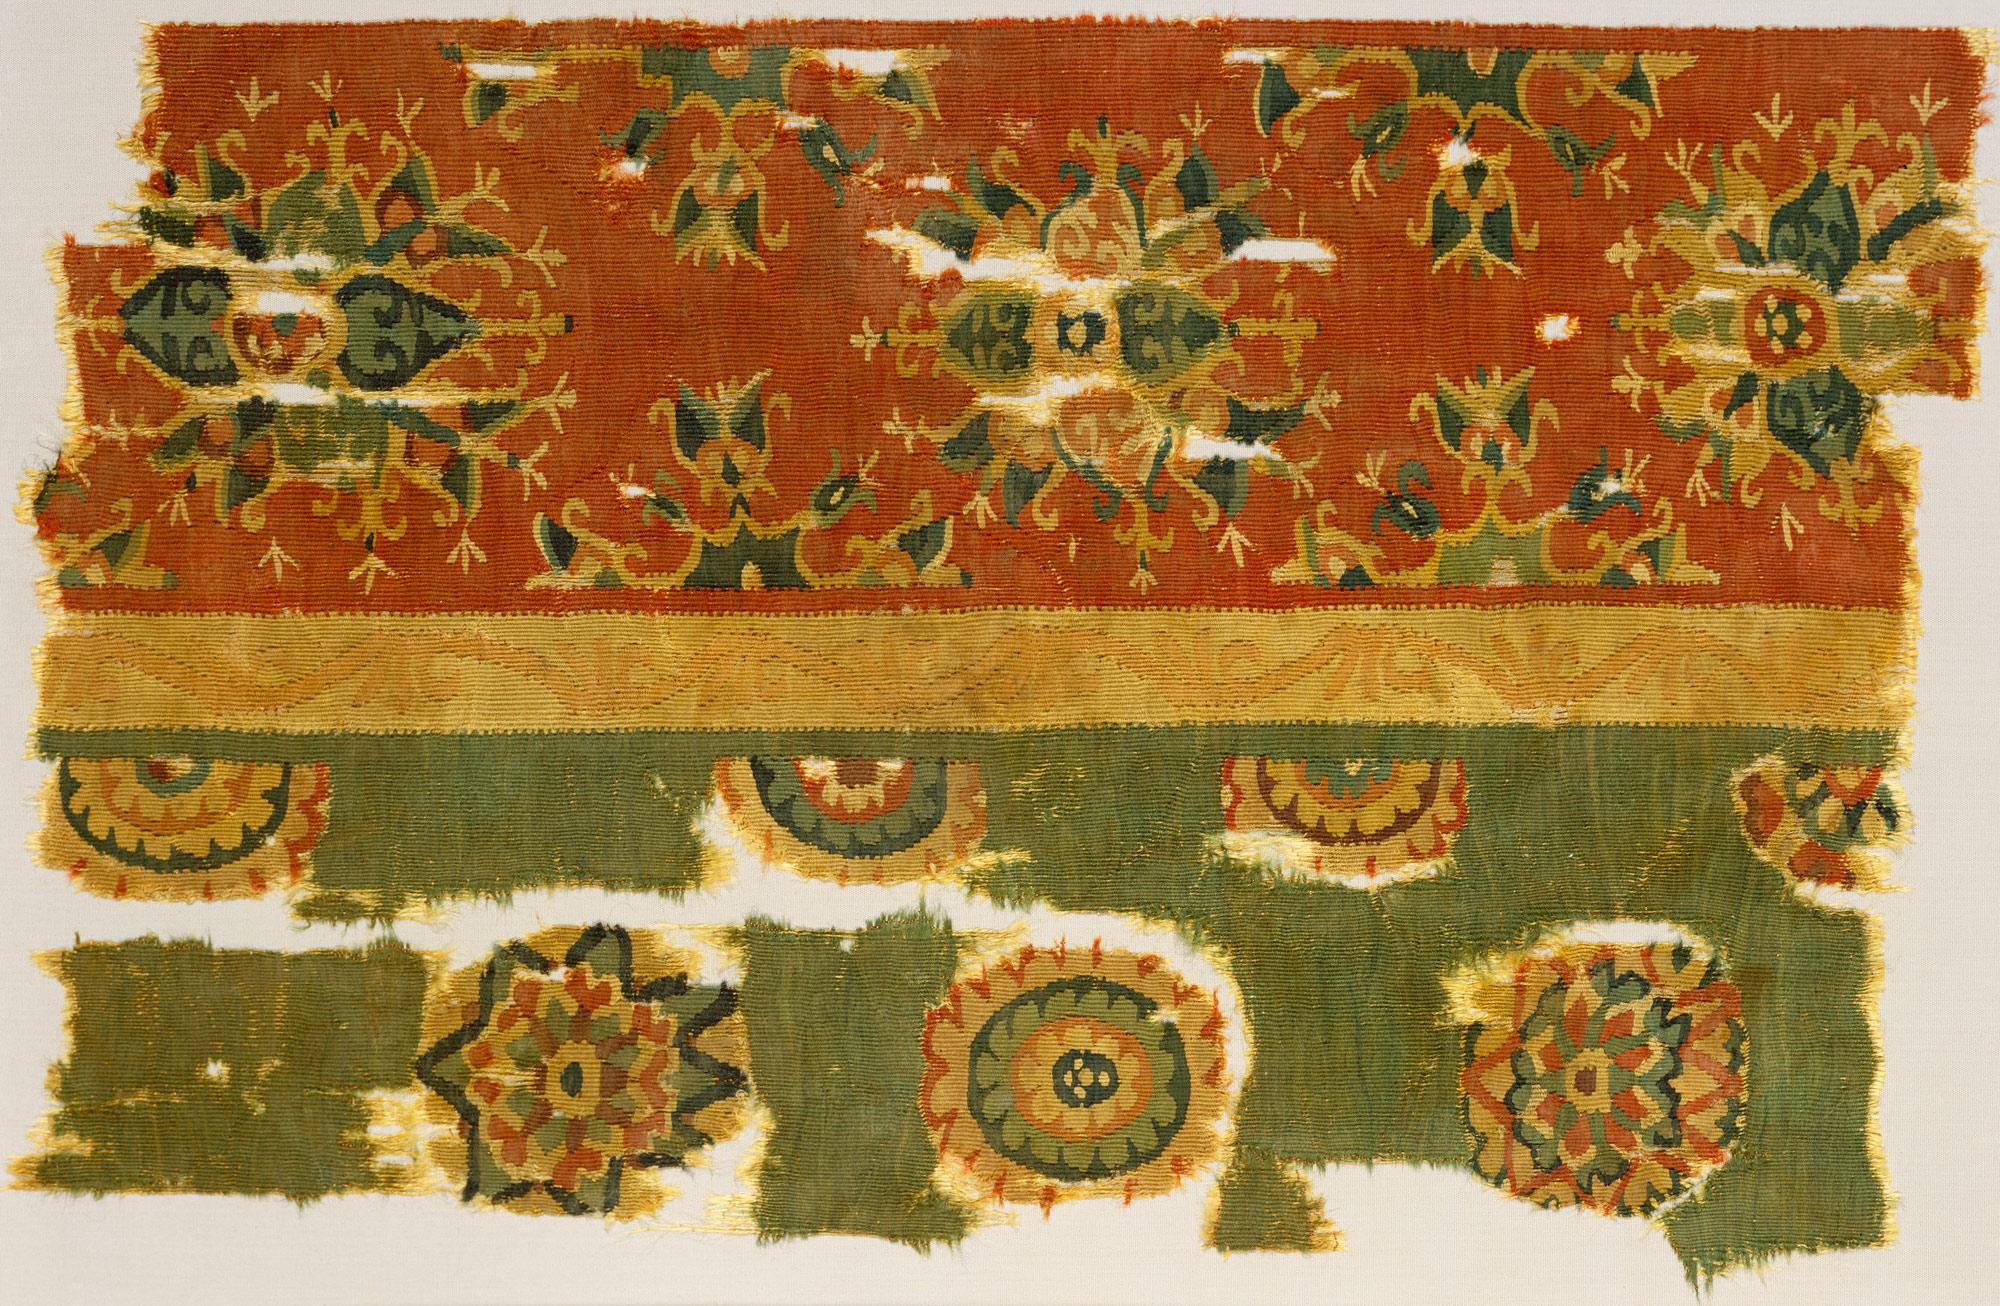 Woven Tapestry Fragment Work Of Art Heilbrunn Timeline